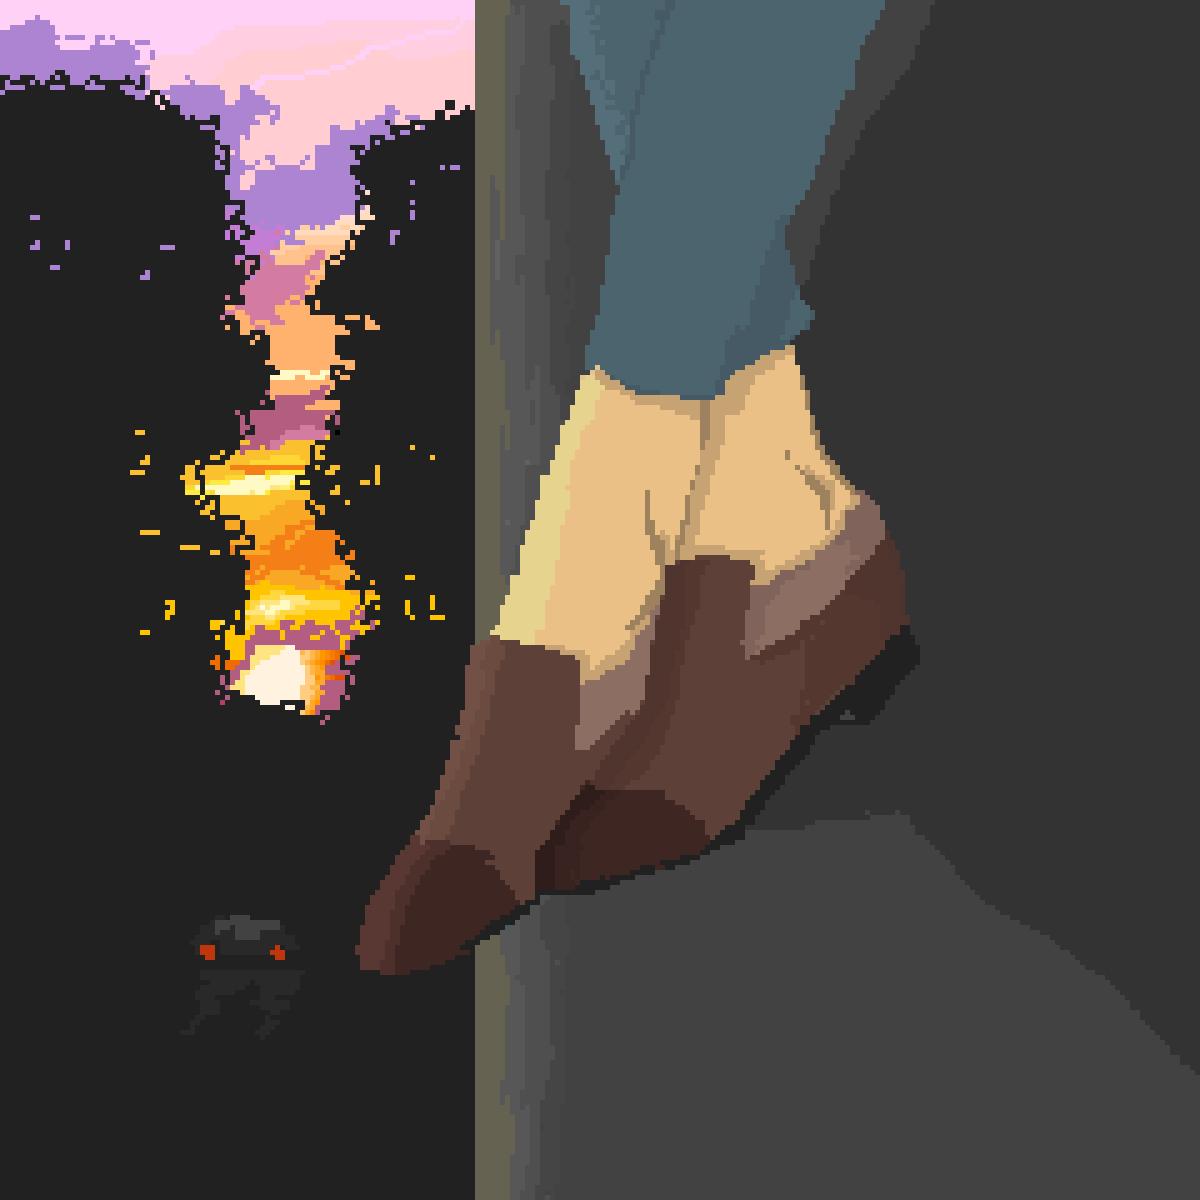 main-image-ayaklarını sarkıtan biri var  by Trigelf